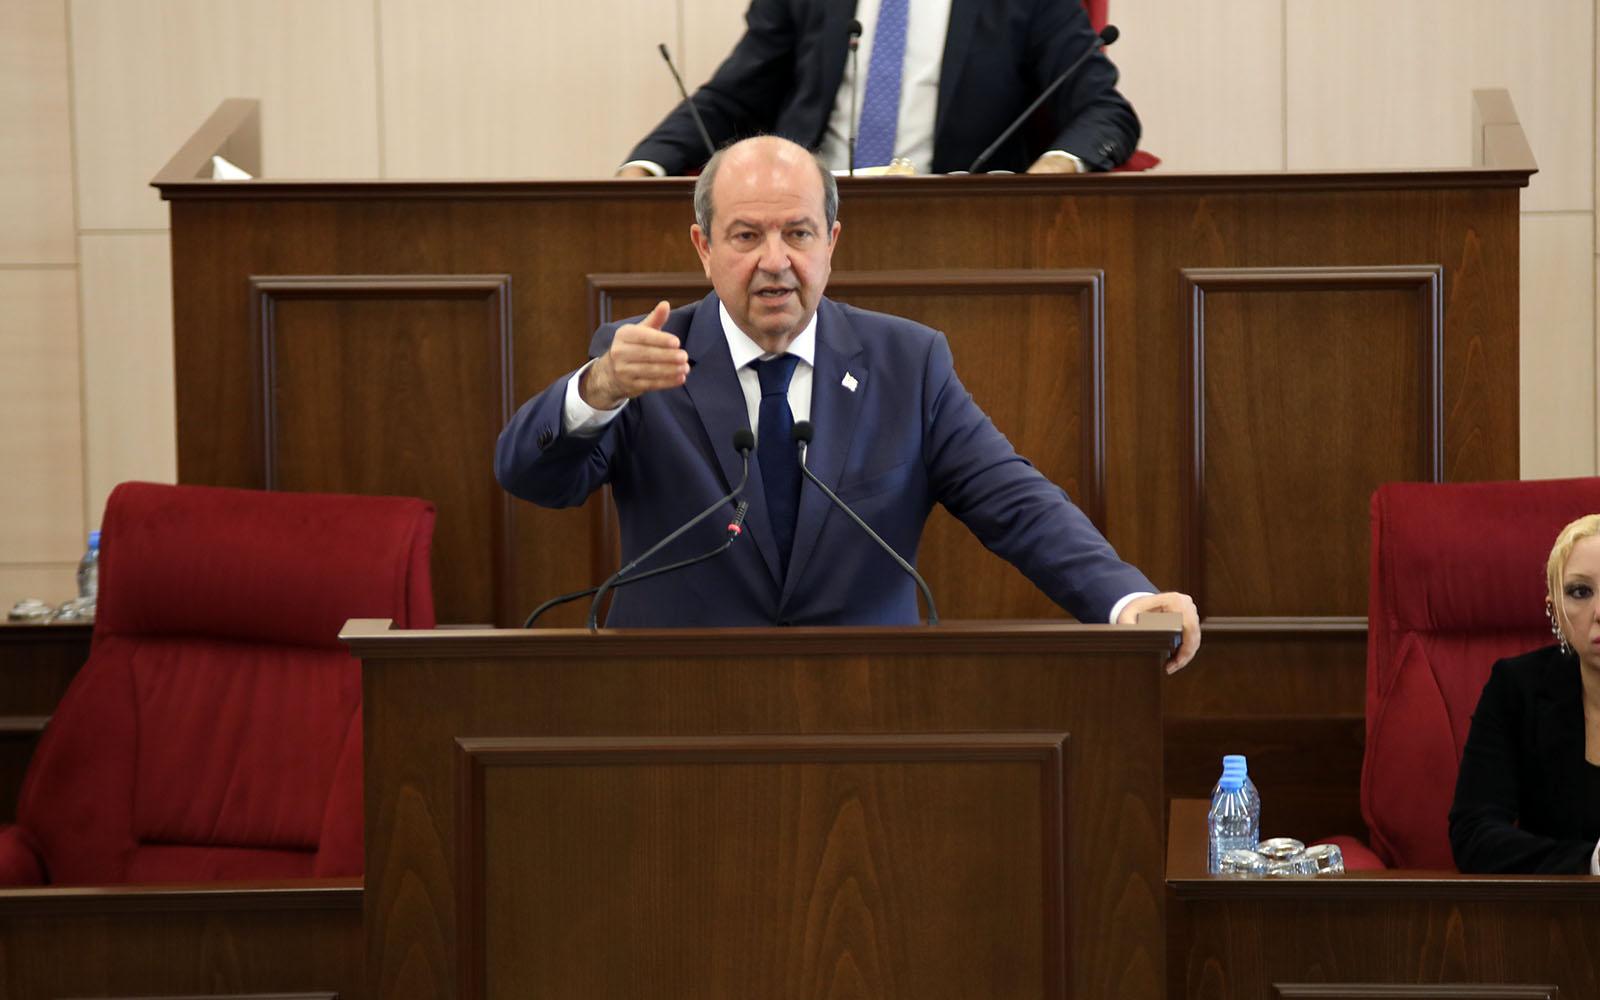 Tatar: Doğal afet ilan edilirse devlet bunları kendi fonlarından karşılayabilir. Doğal afet ilan edilmezse takdire mi kalır?